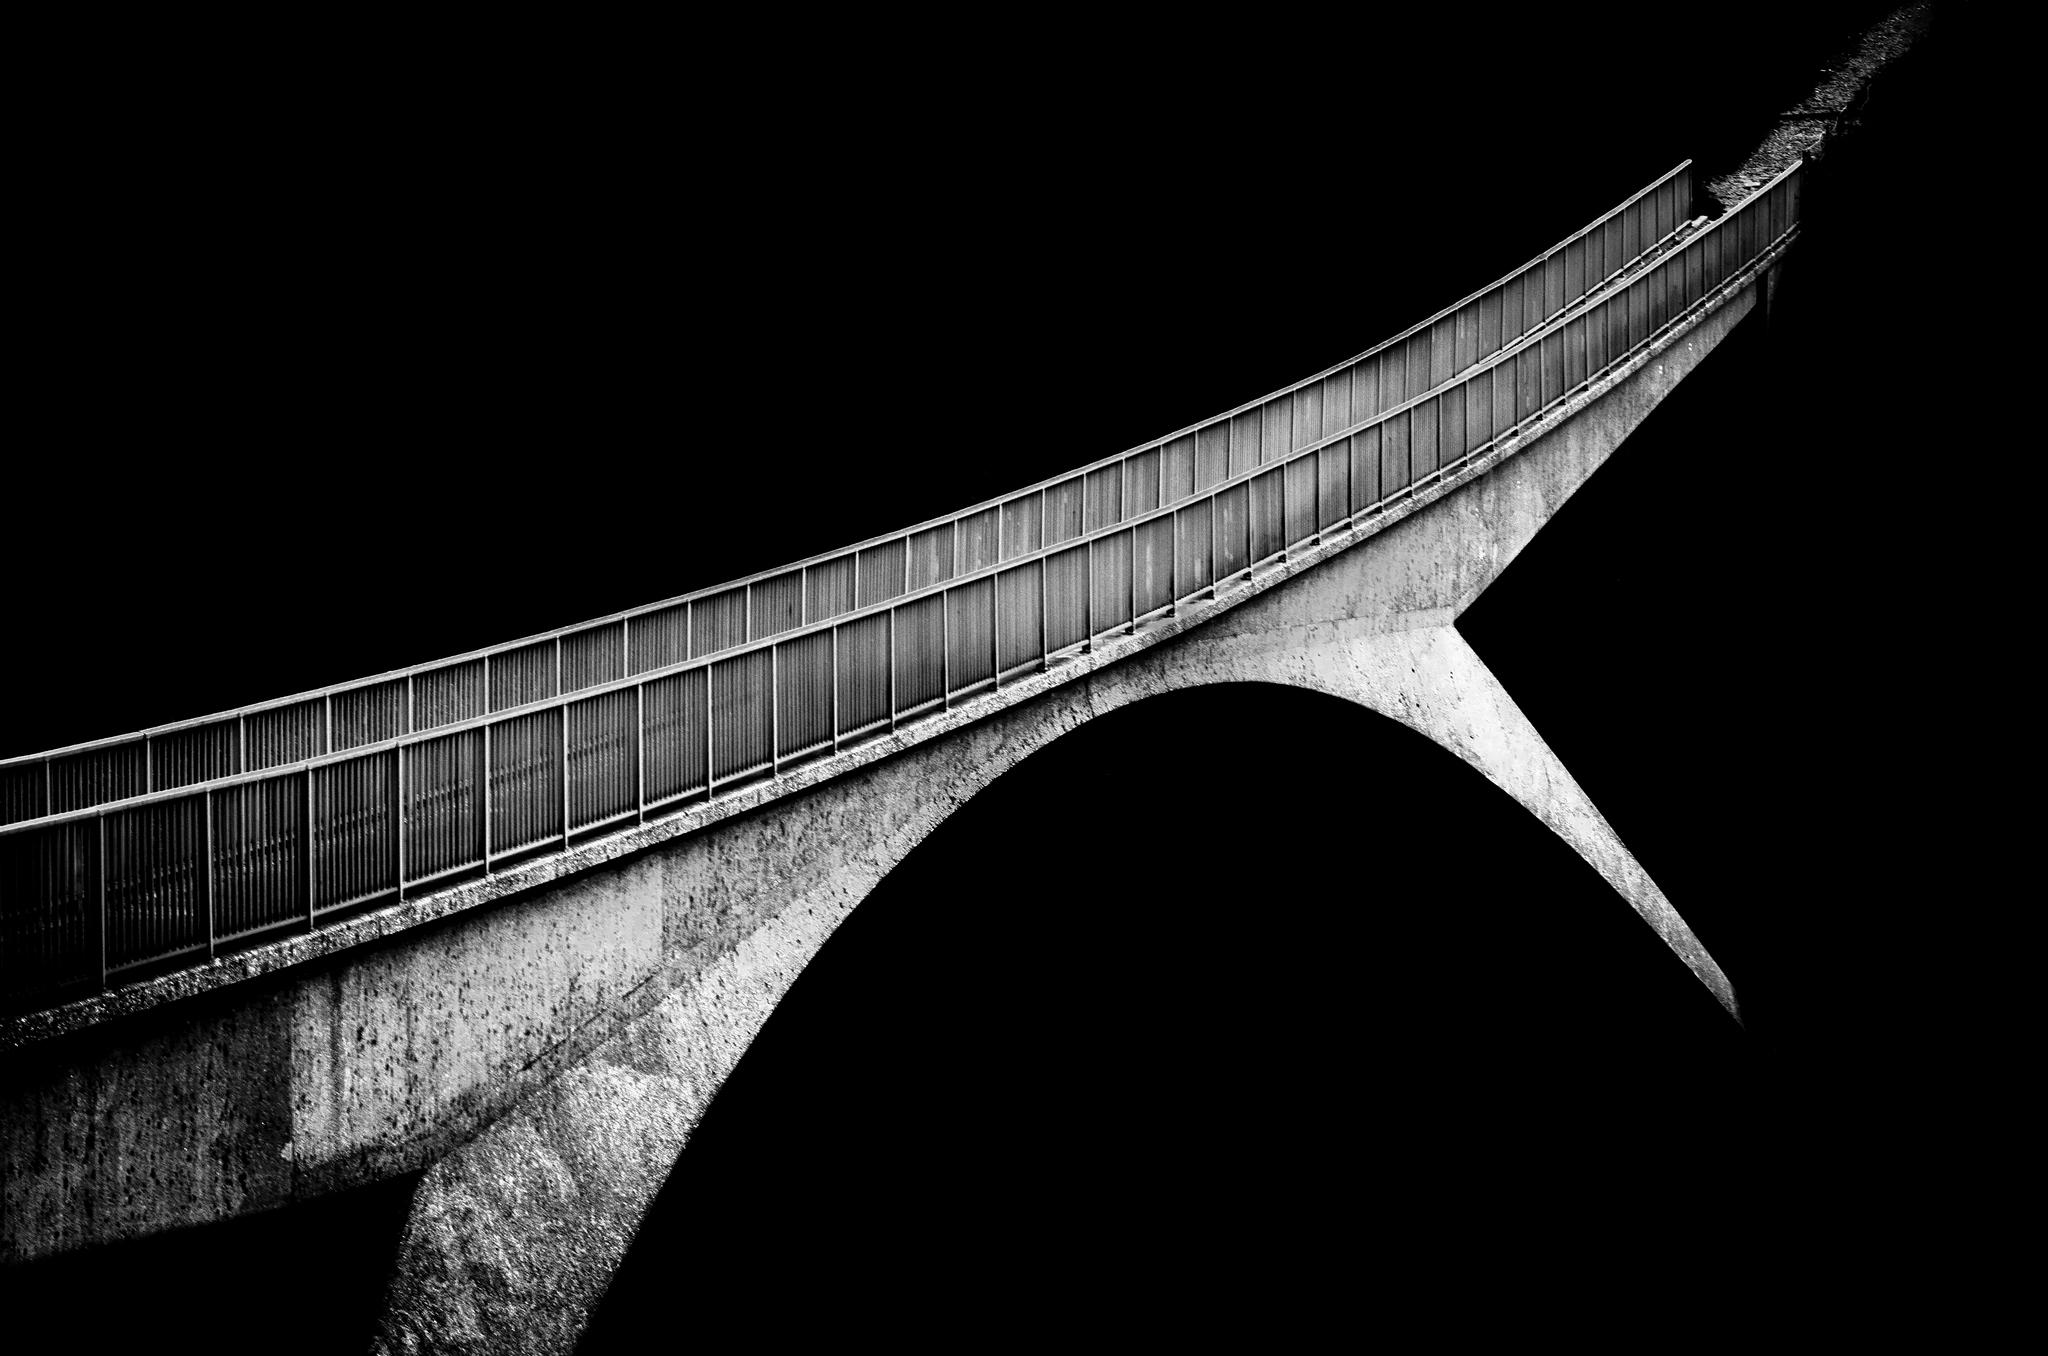 – bridge over m62